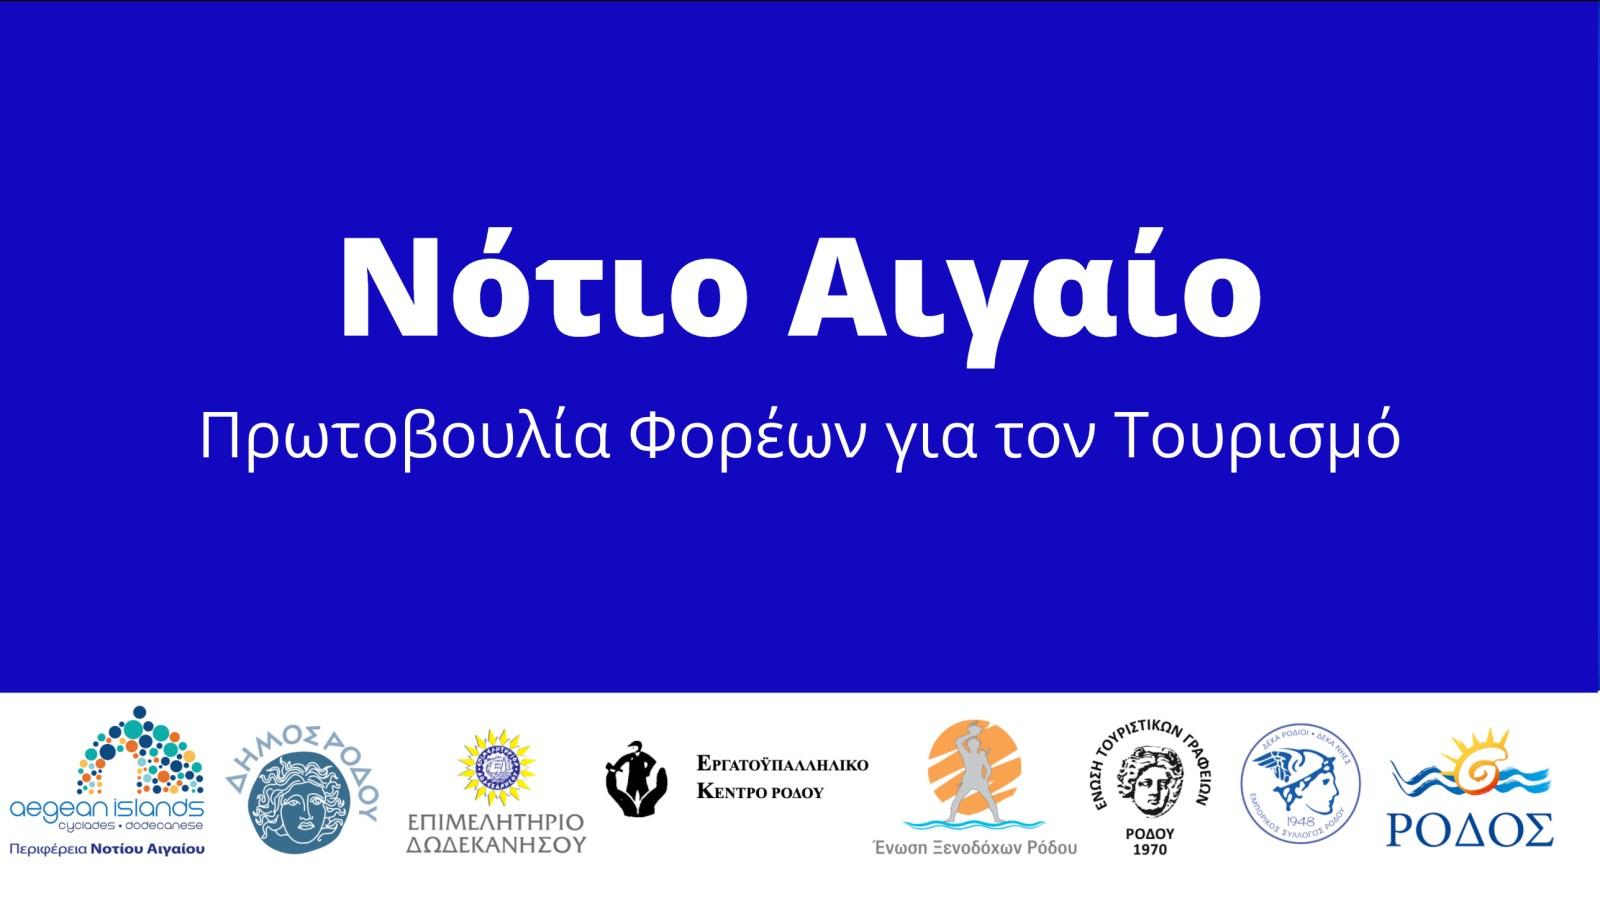 Με 967.995 διεθνείς αφίξεις για το Ν. Αιγαίο κλείνει το τρίμηνο του 2020